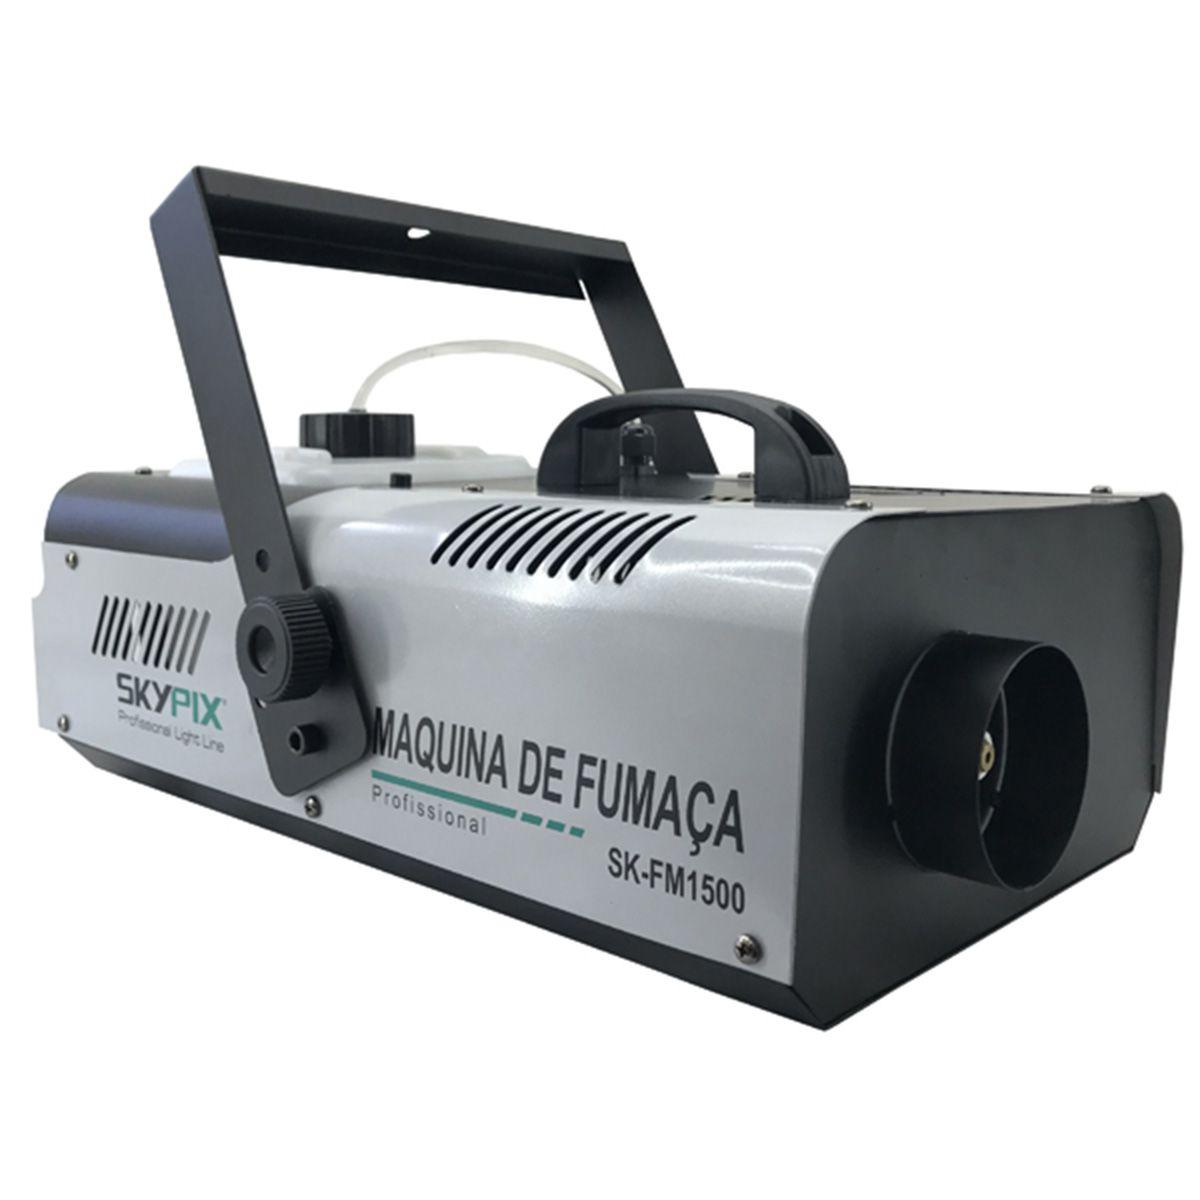 Máquina de Fumaça SK FM 1500 / 220v - Skypix  - RS Som e Luz!